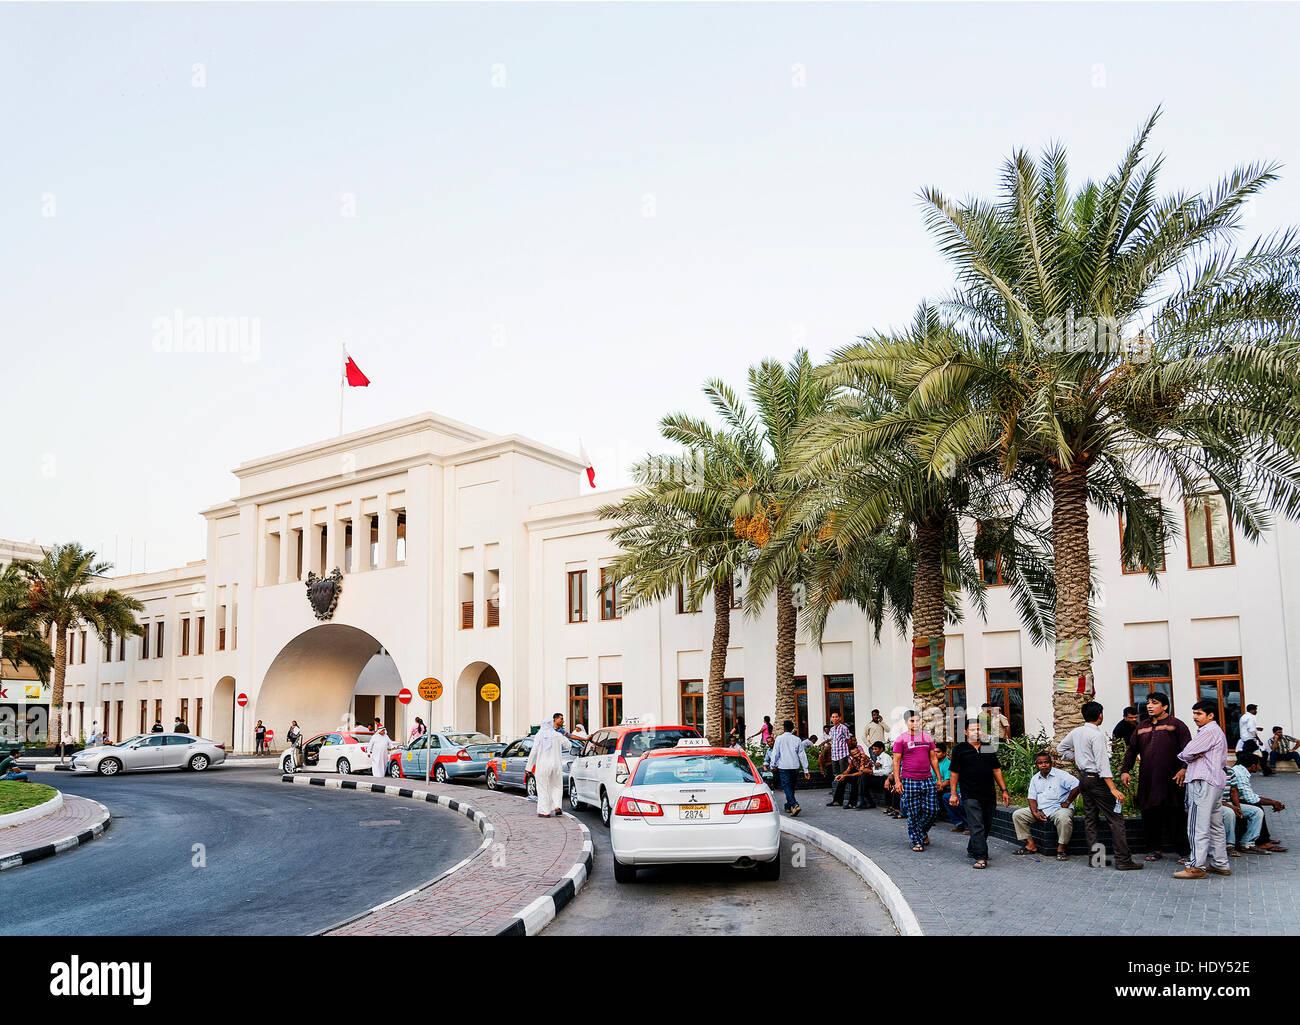 Bab al bahrain monument dans le centre de la ville de Manama Bahrain Photo Stock